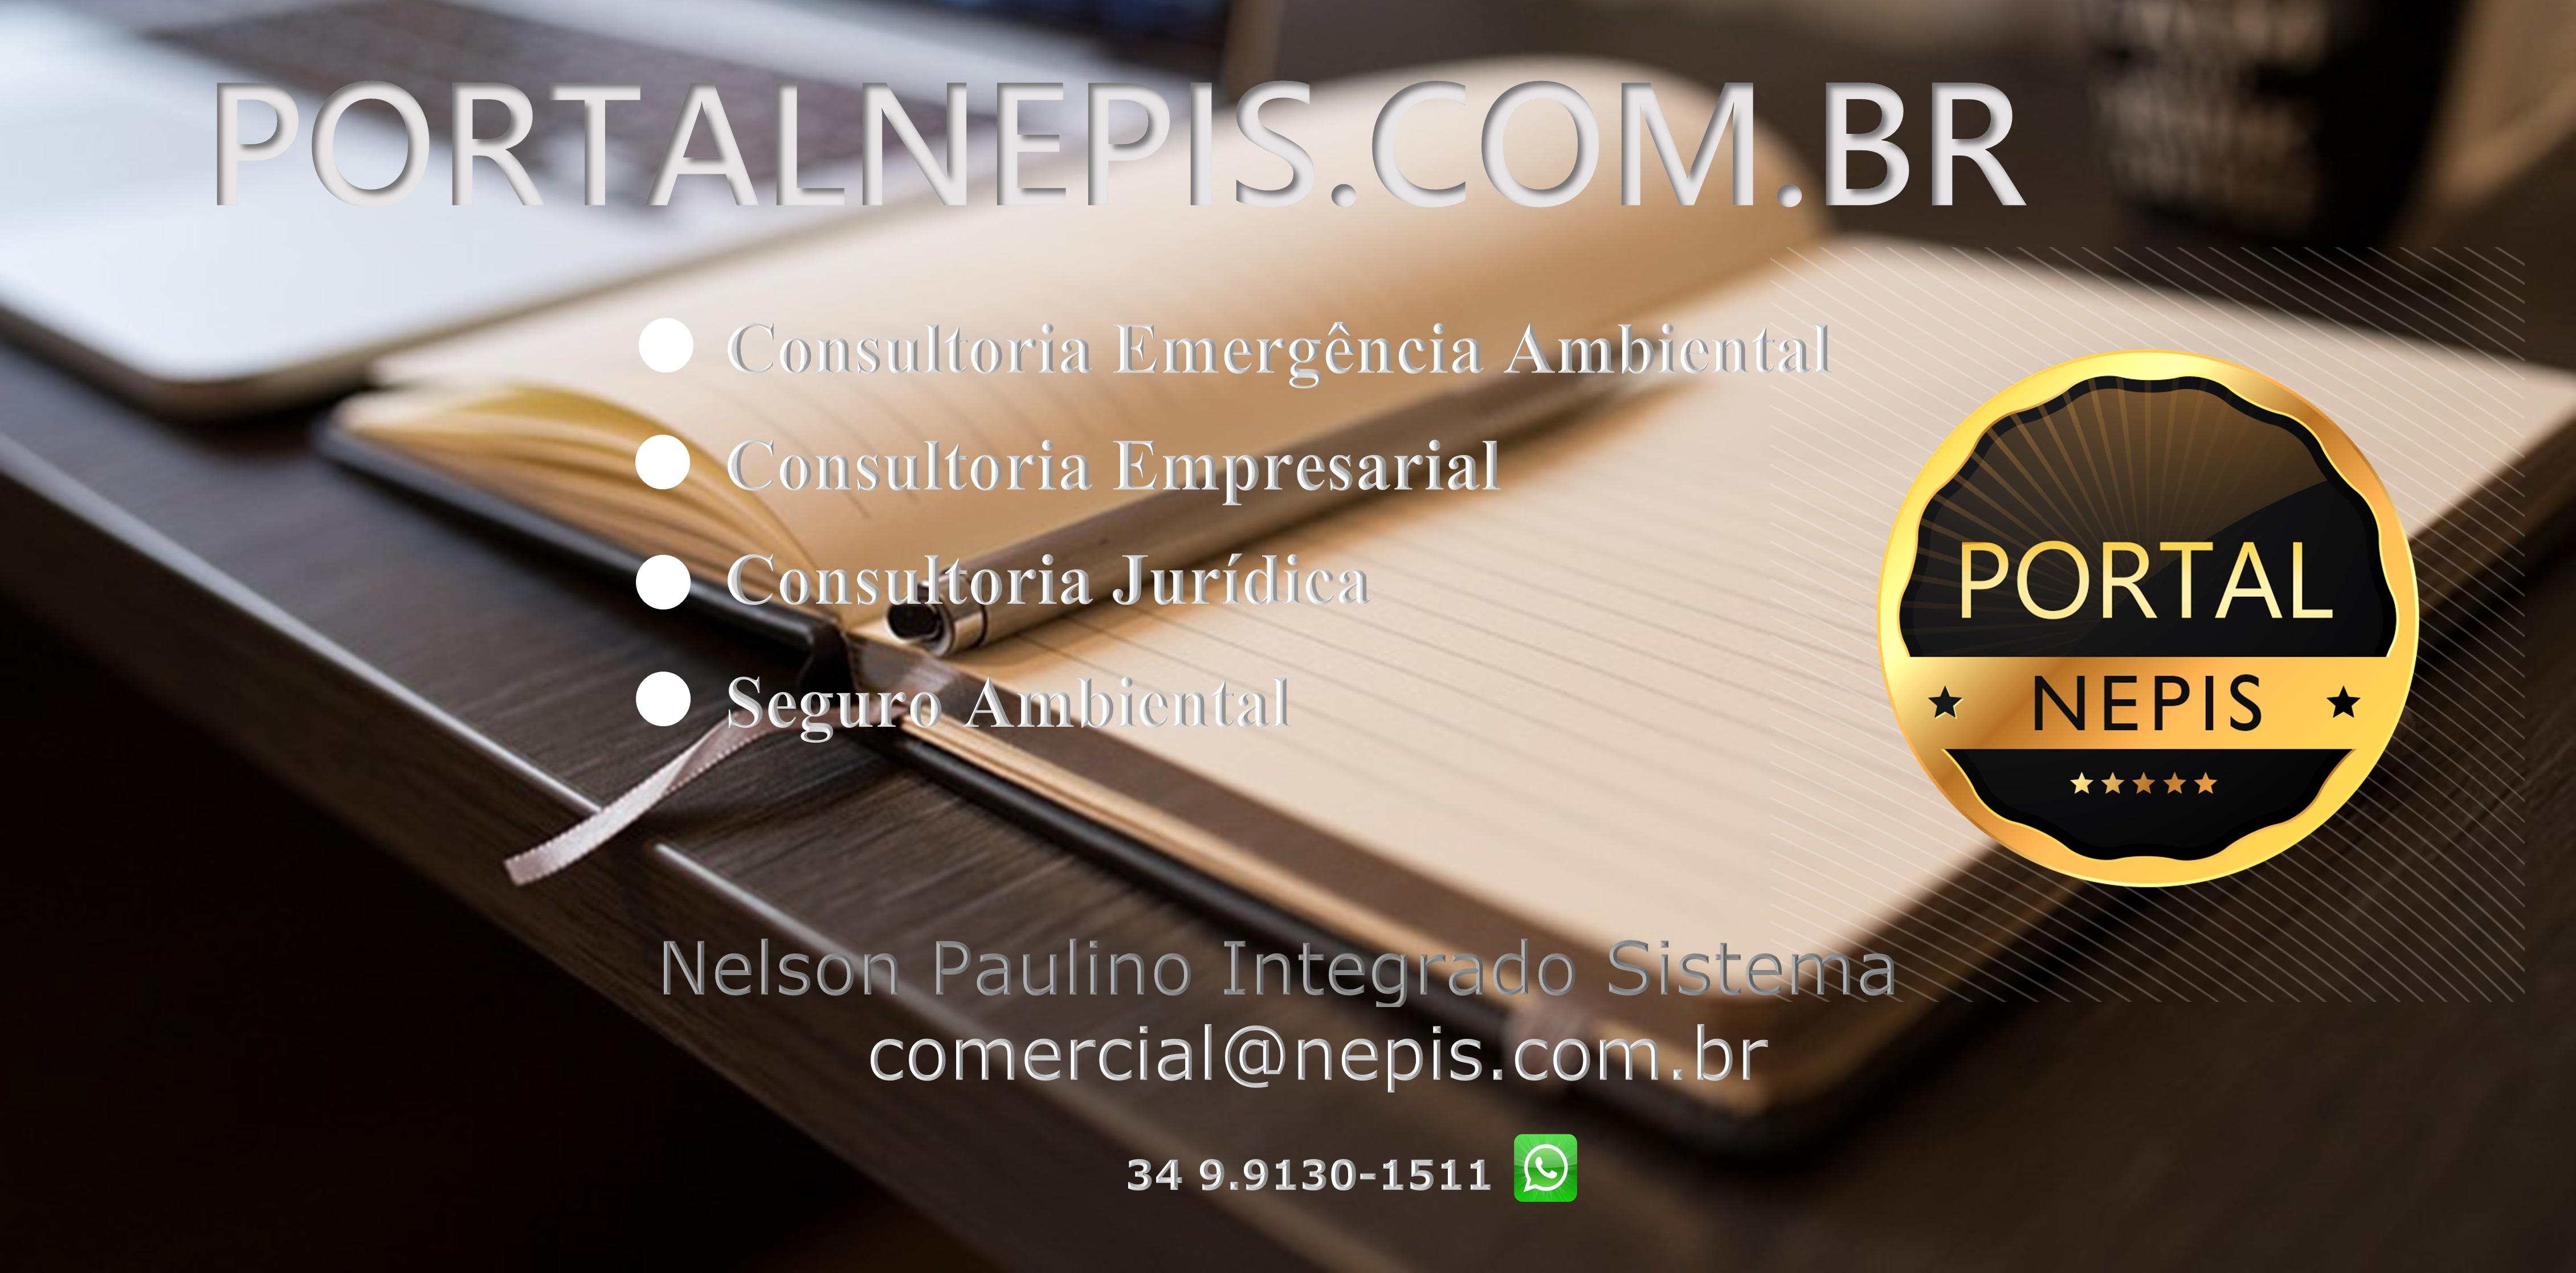 Bem-vindo ao Portal Nepis Soluções Empresariais